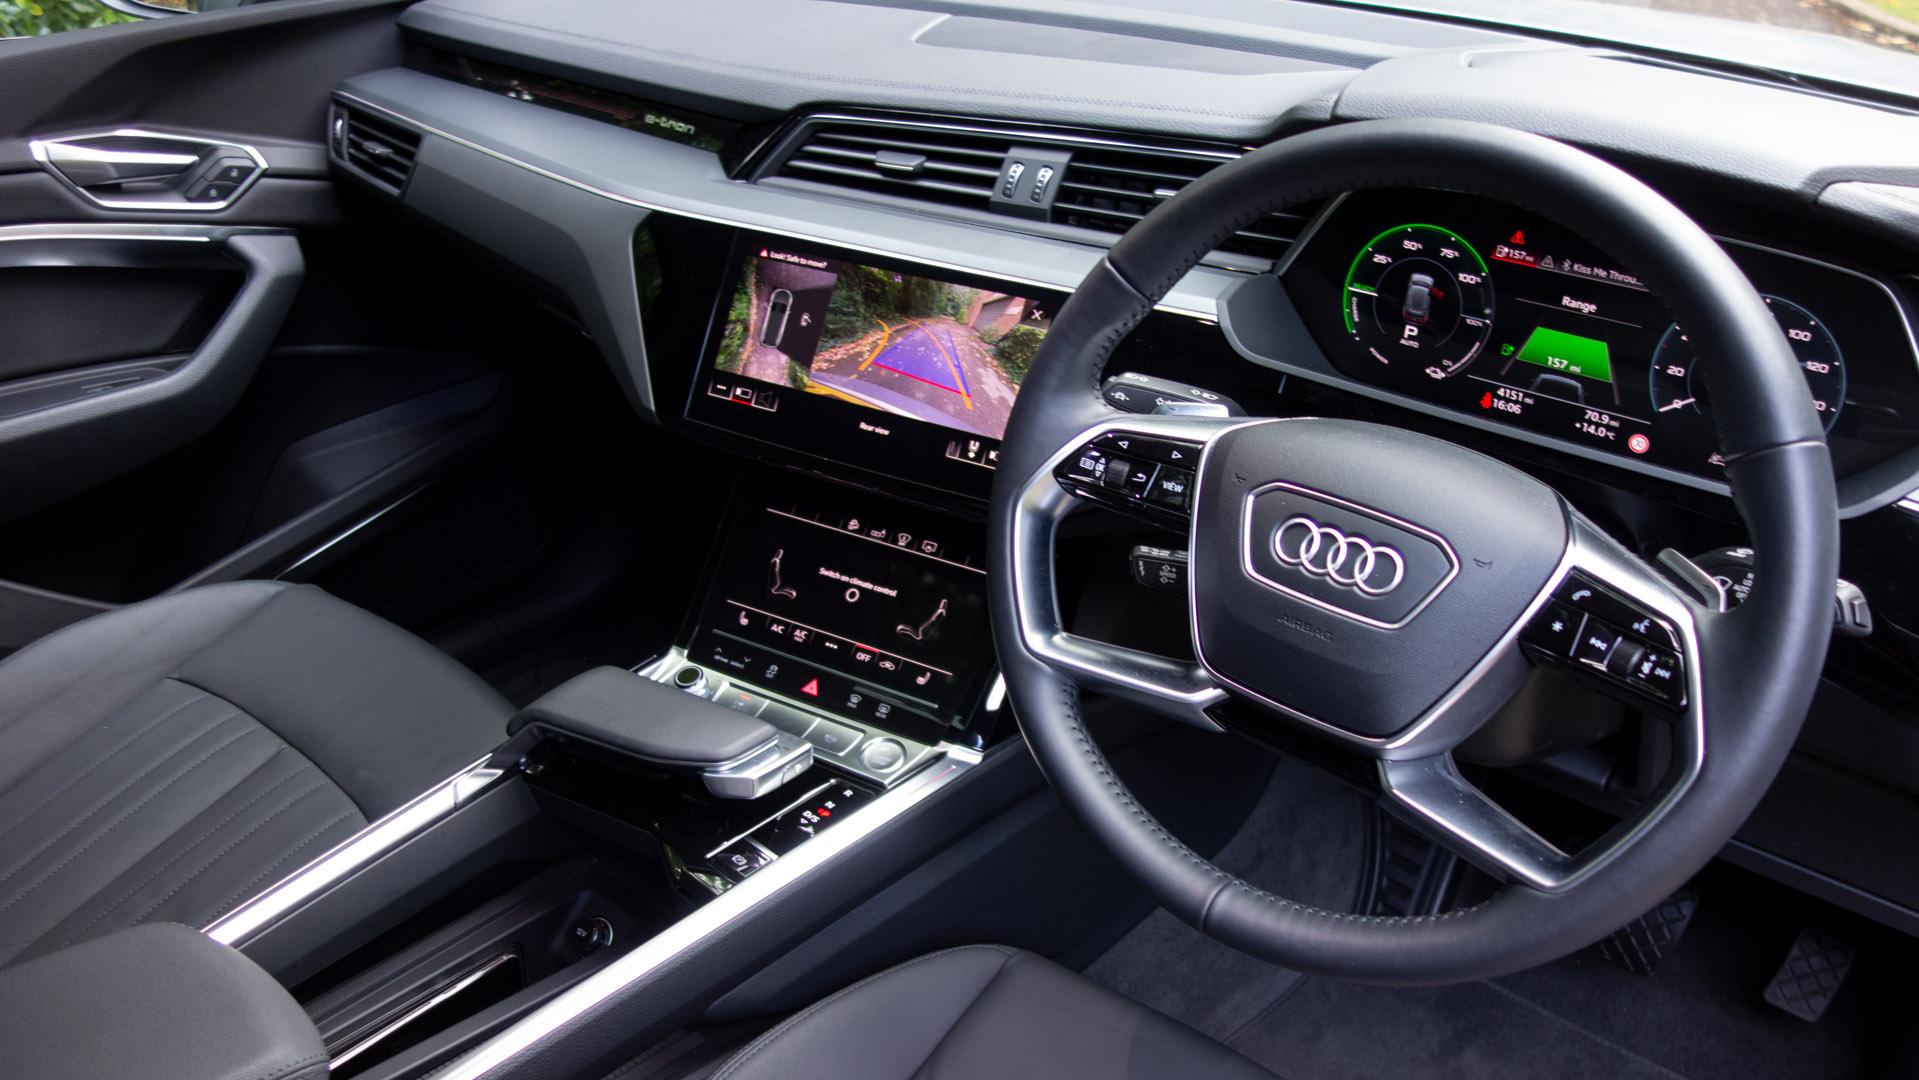 Audi e-tron cabin